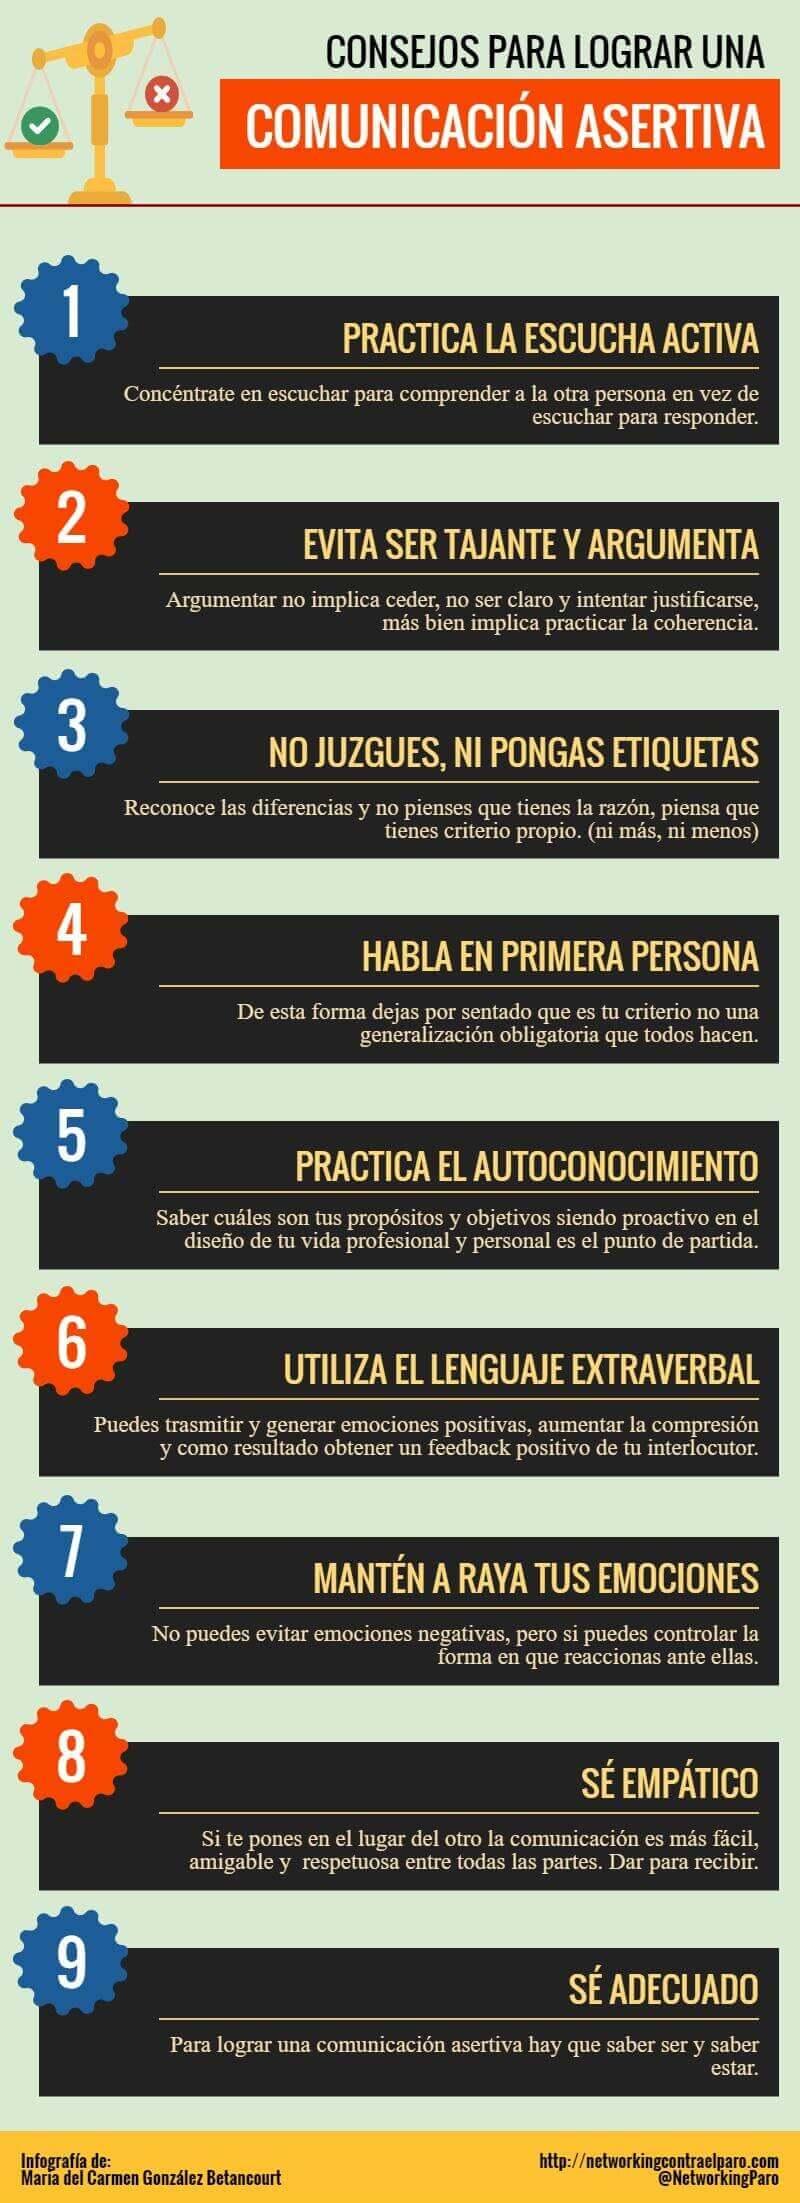 consejos-para-una-comunicacion-asertiva